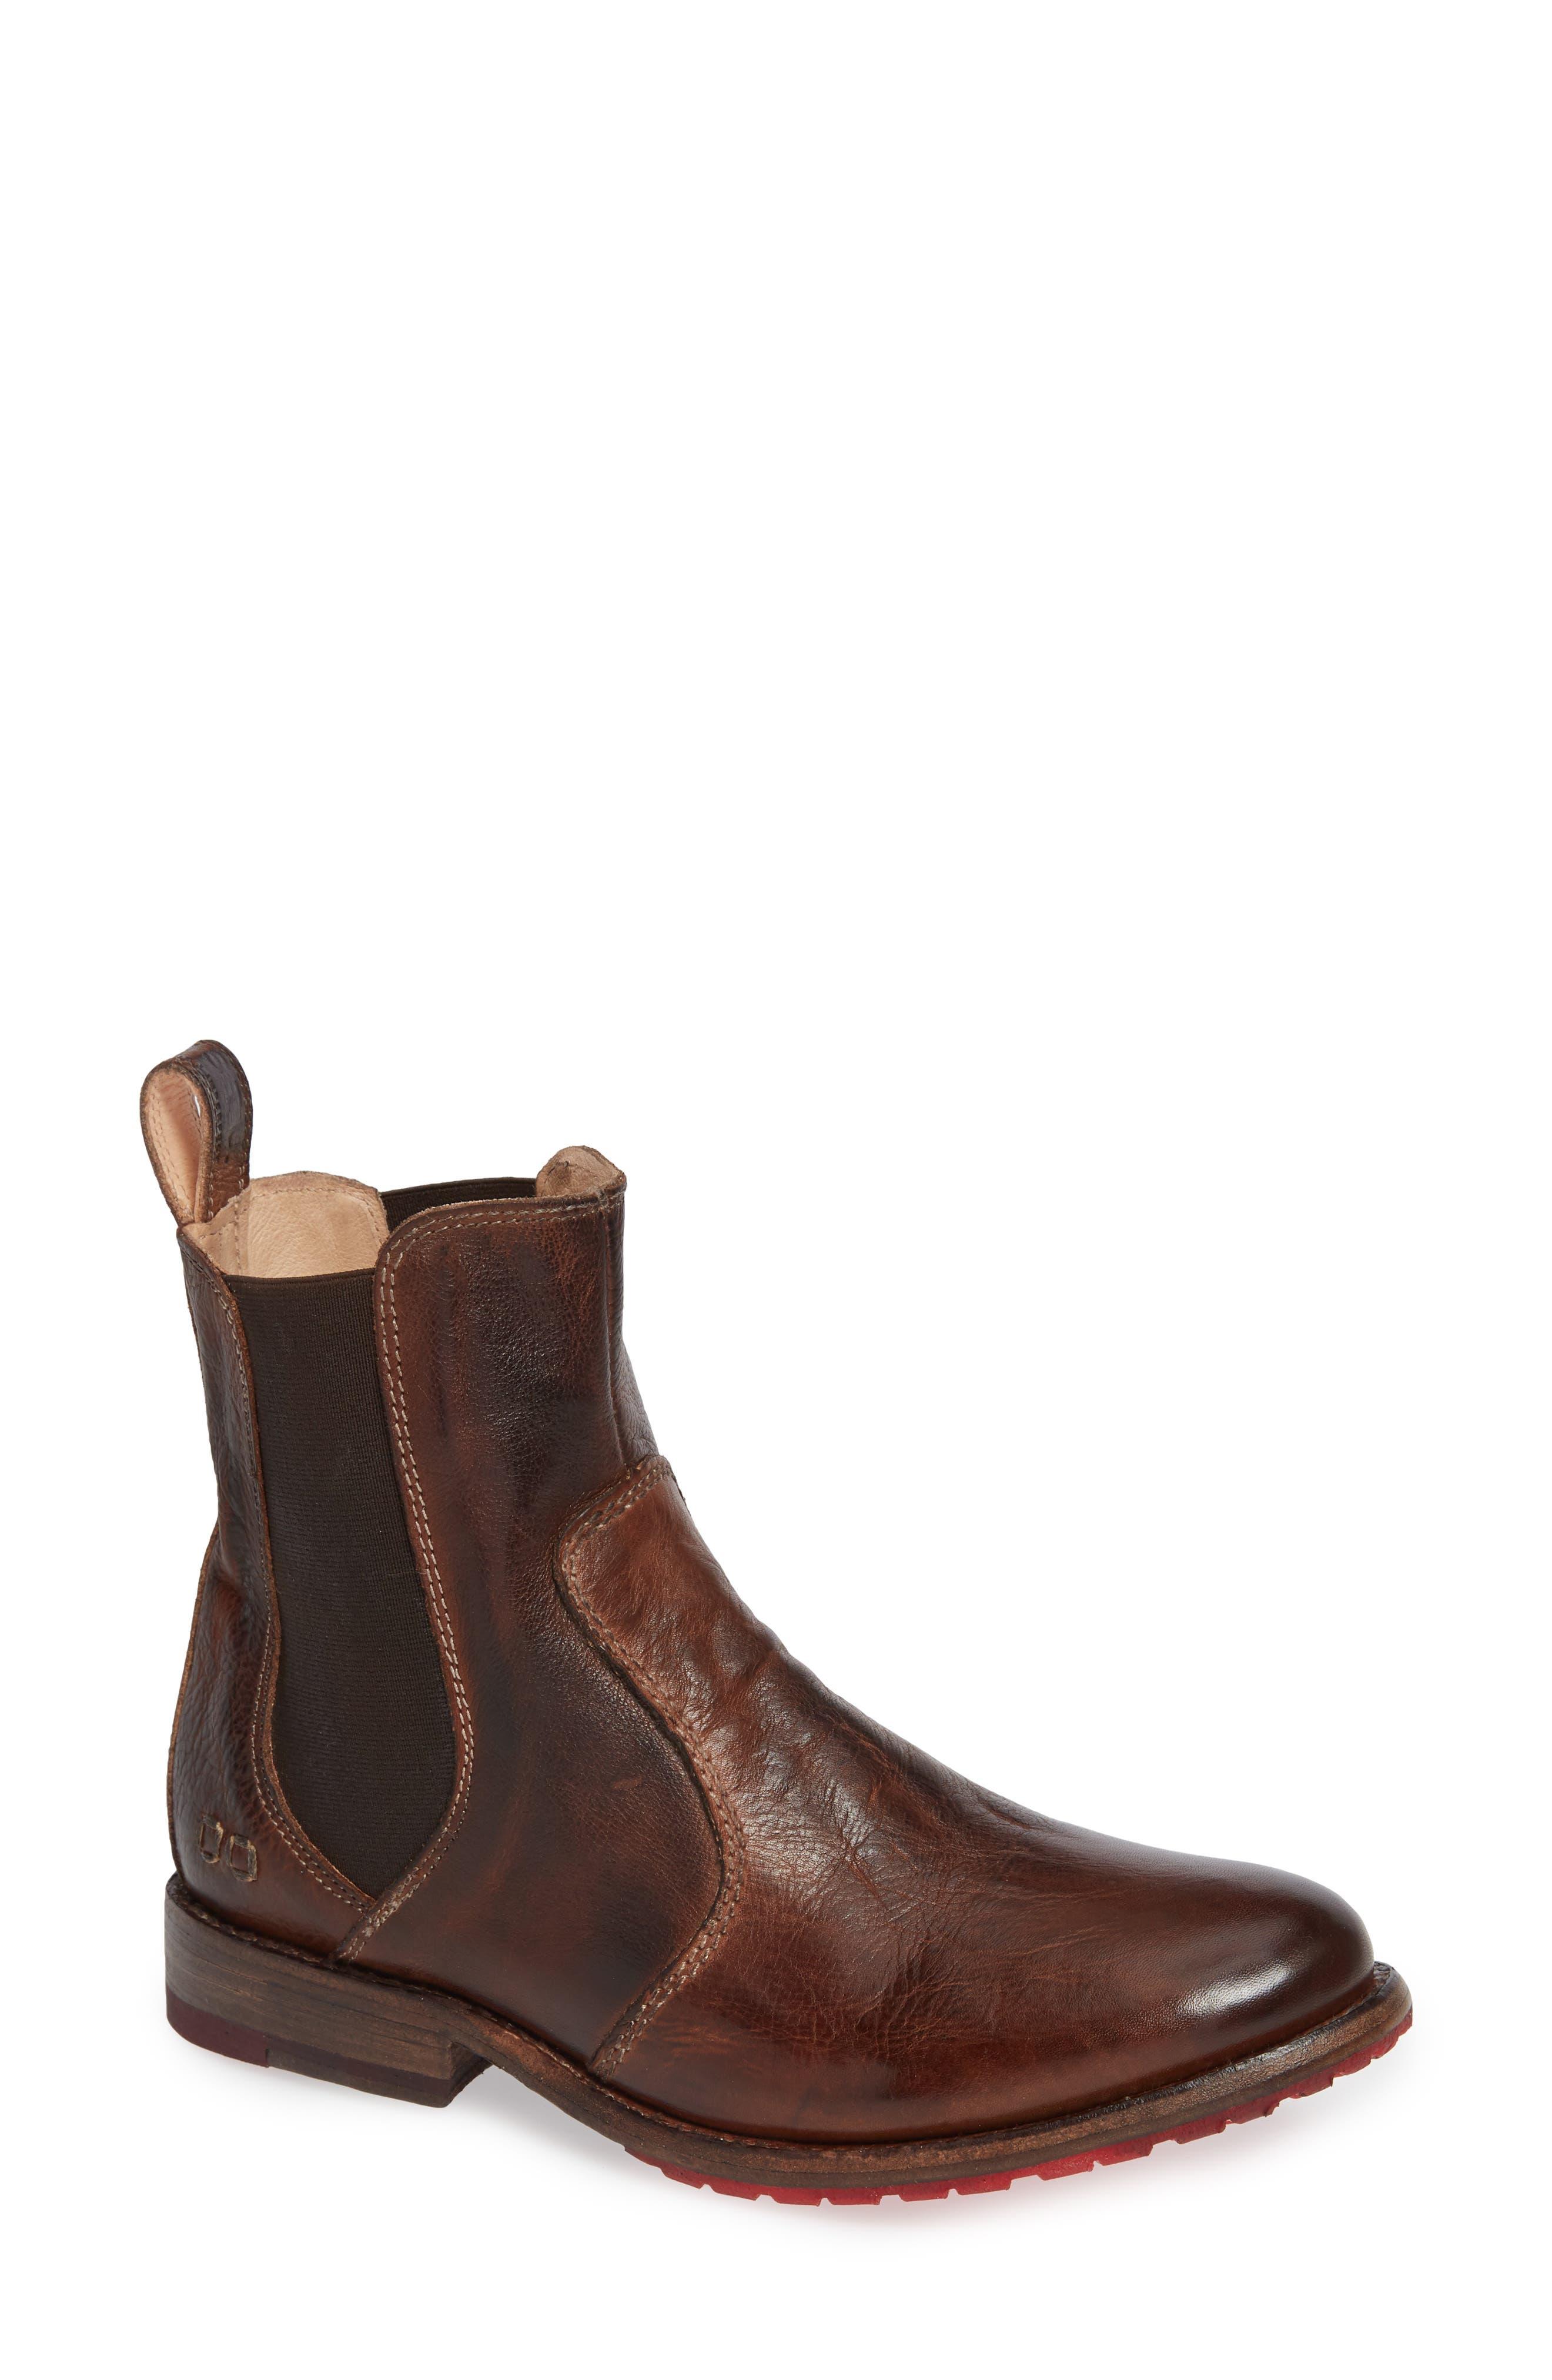 Nandi Chelsea Boot,                         Main,                         color, Teak Rustic